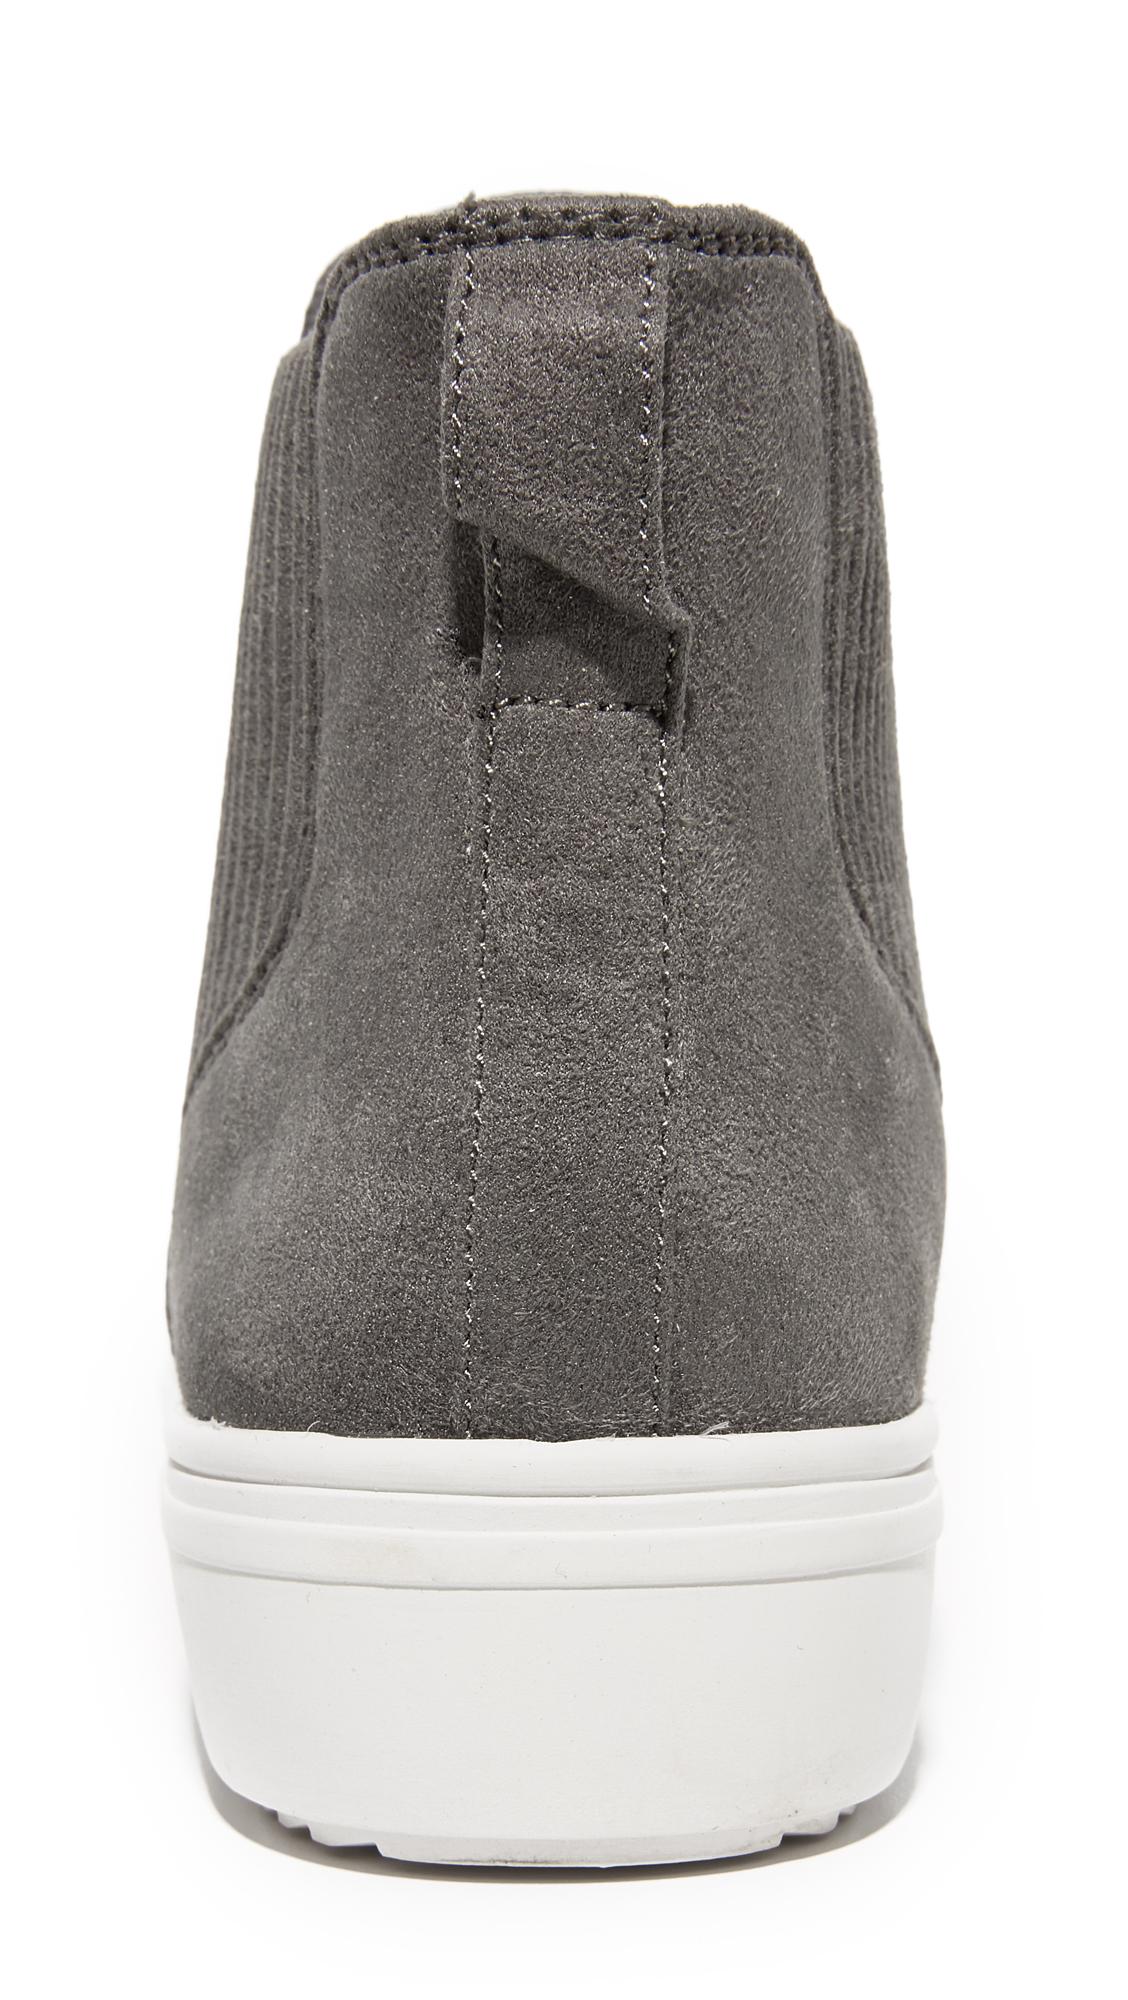 ec6c95625193 Steven Coal Platform Chelsea Sneakers